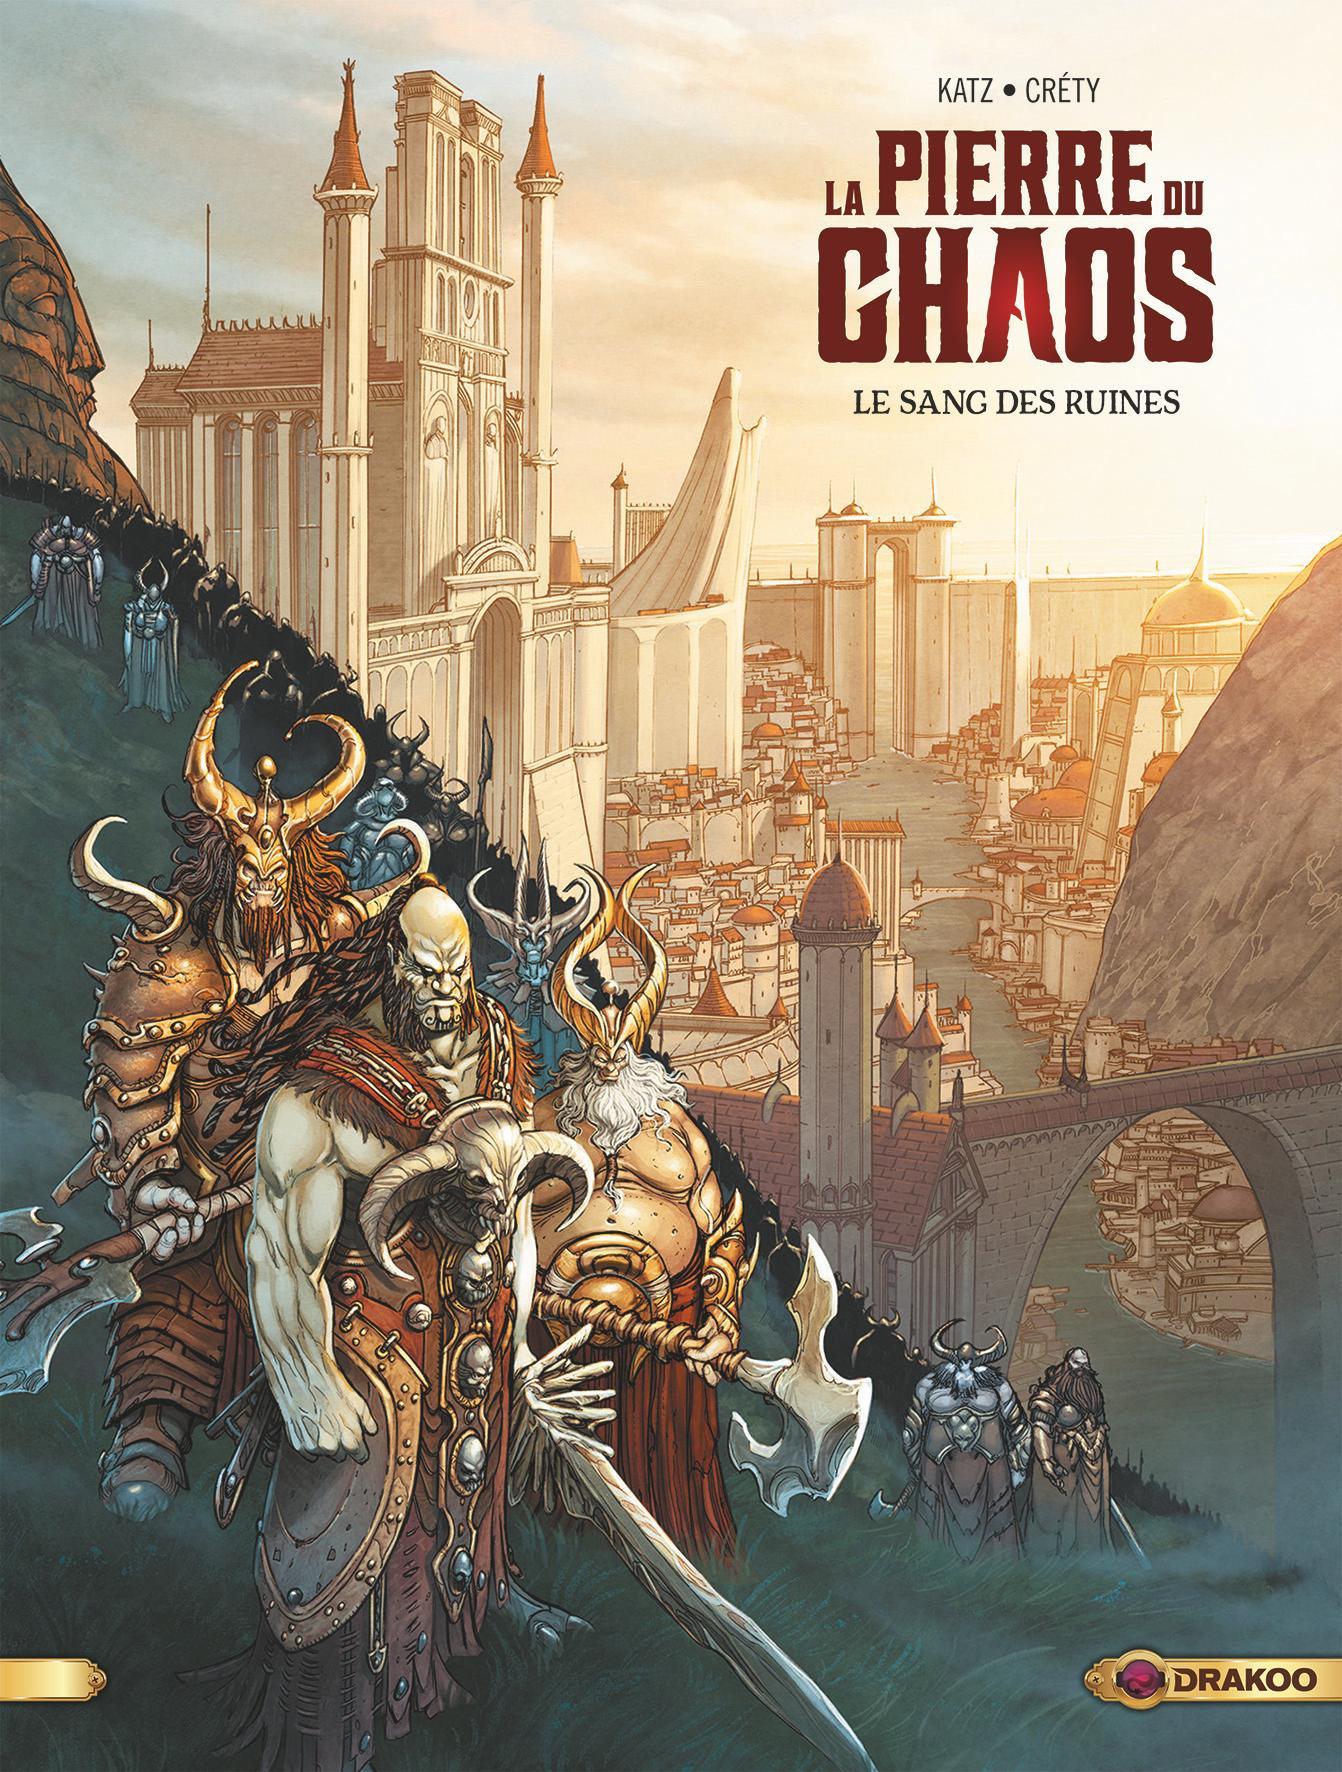 pierre du chaos (La) #1